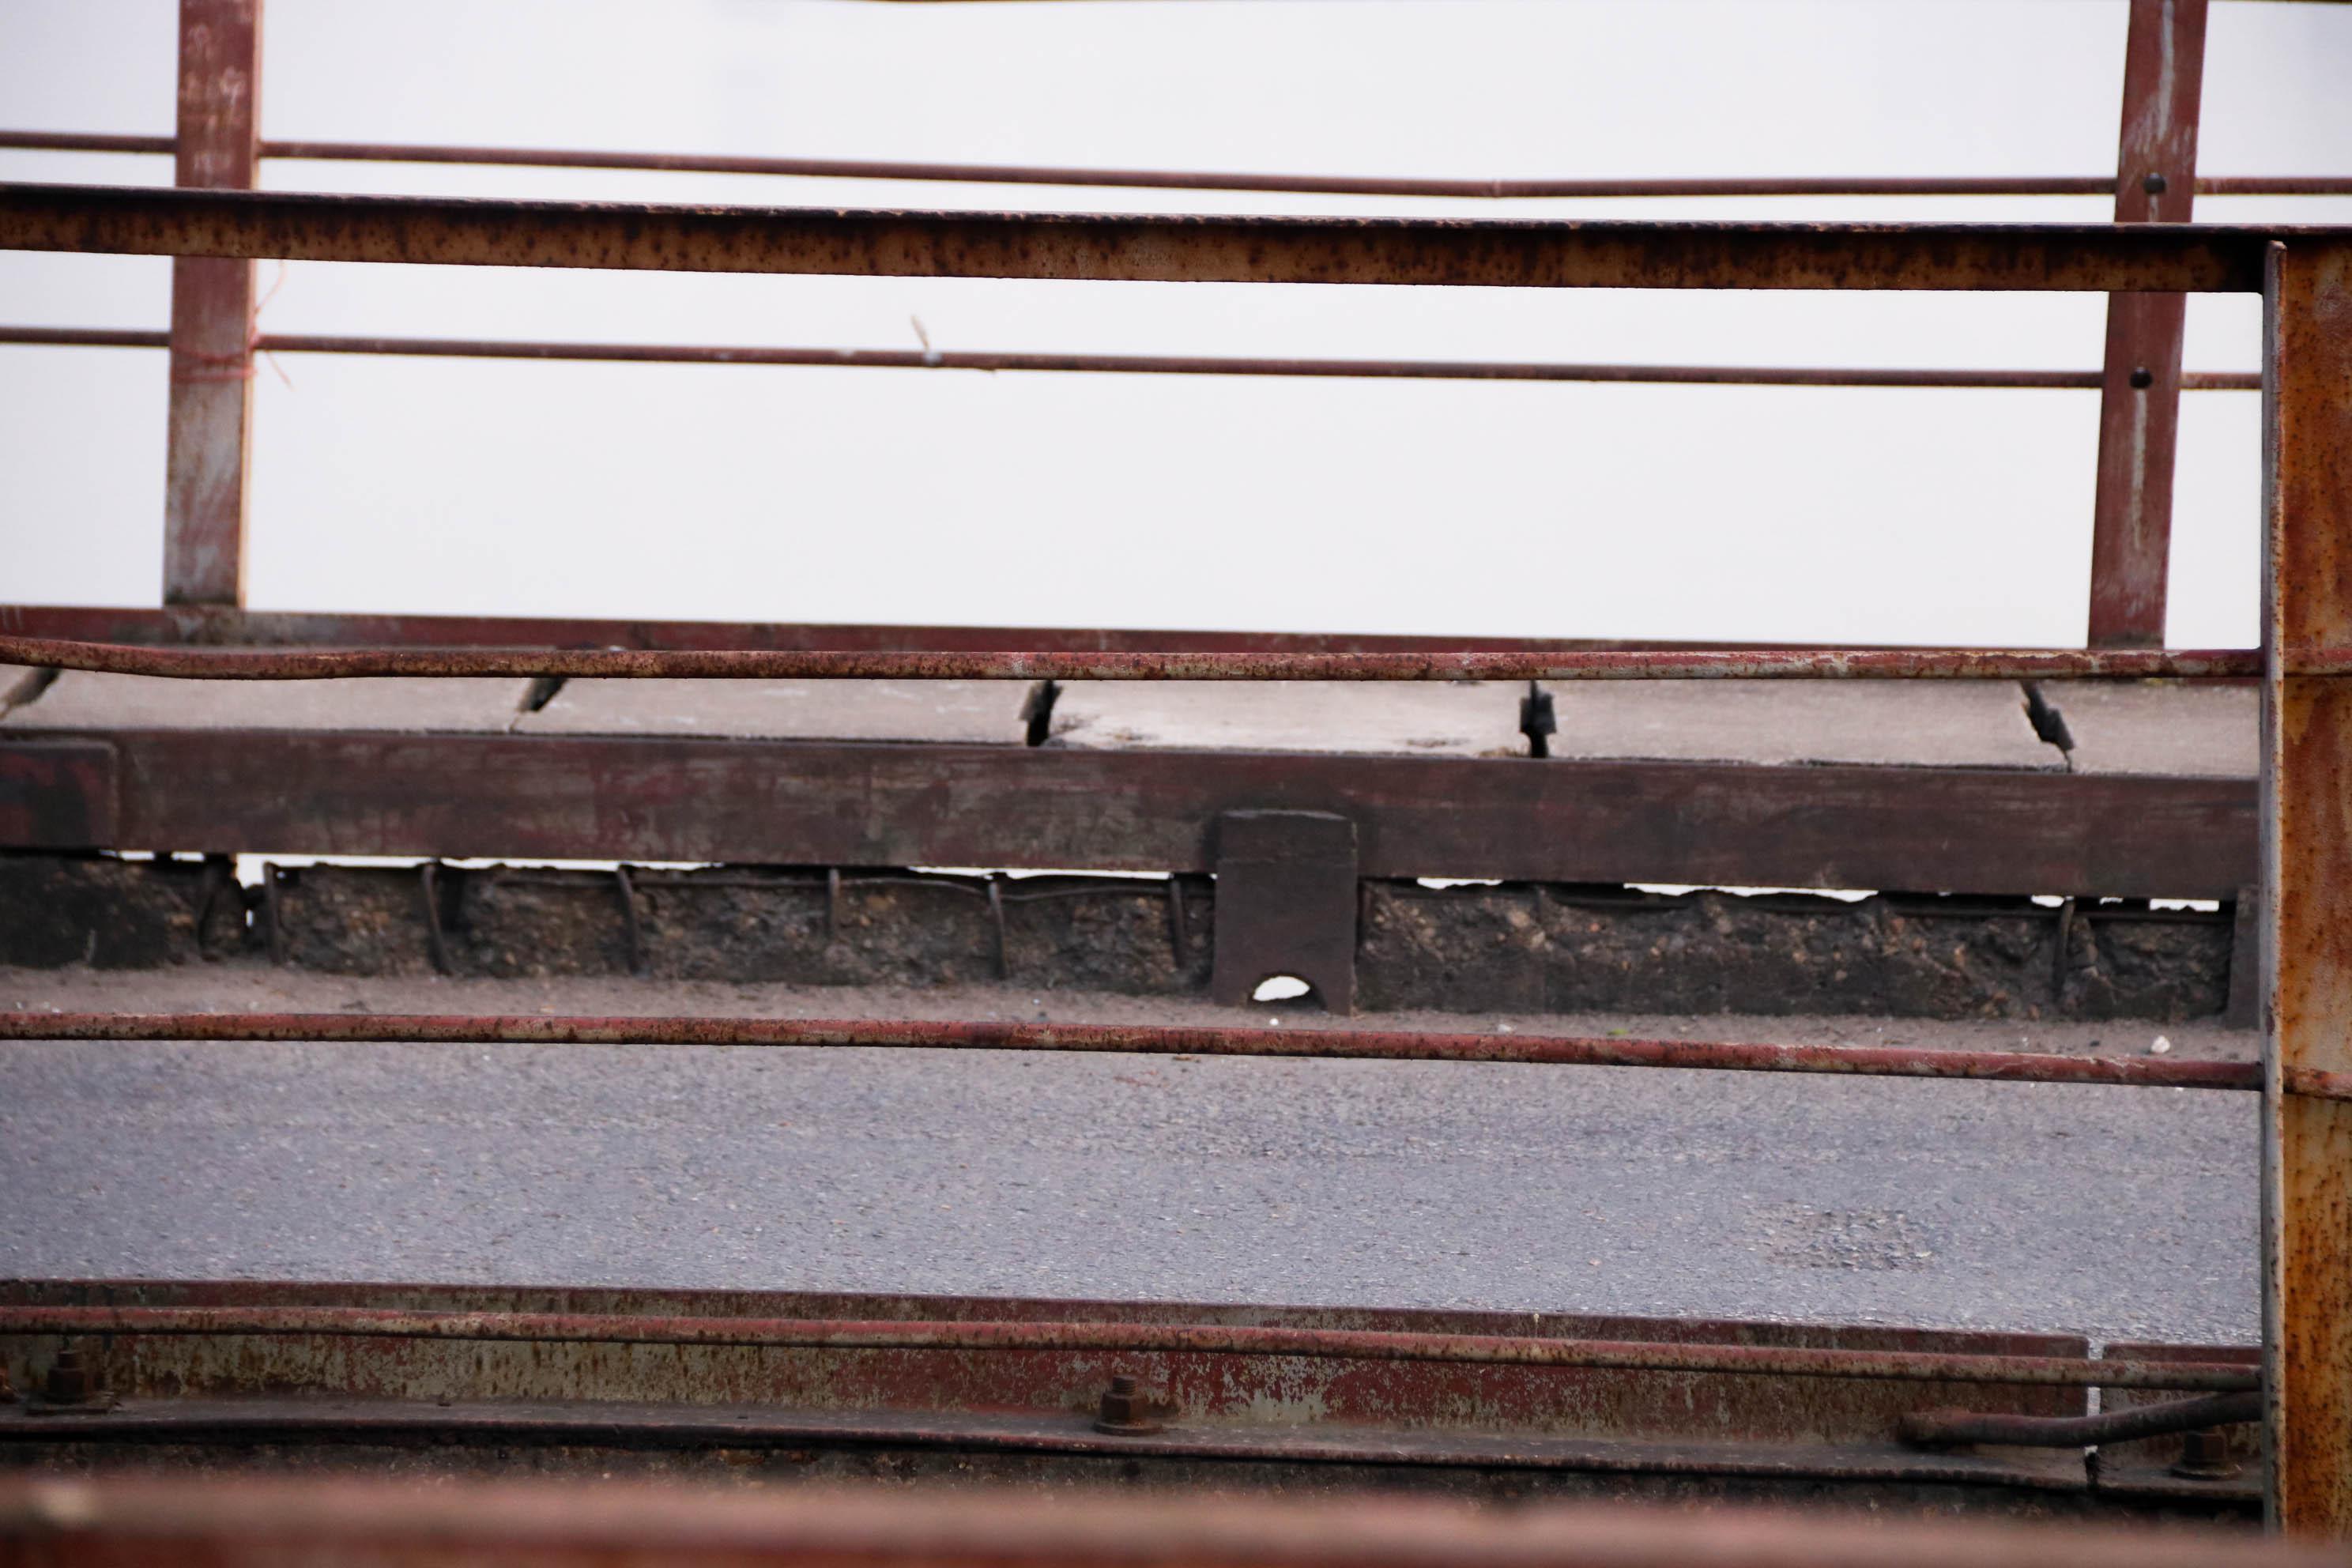 Cầu Long Biên xuống cấp đến không ngờ, mặt đường bị cày xới khiến người dân đi lại gặp nhiều khó khăn - Ảnh 17.